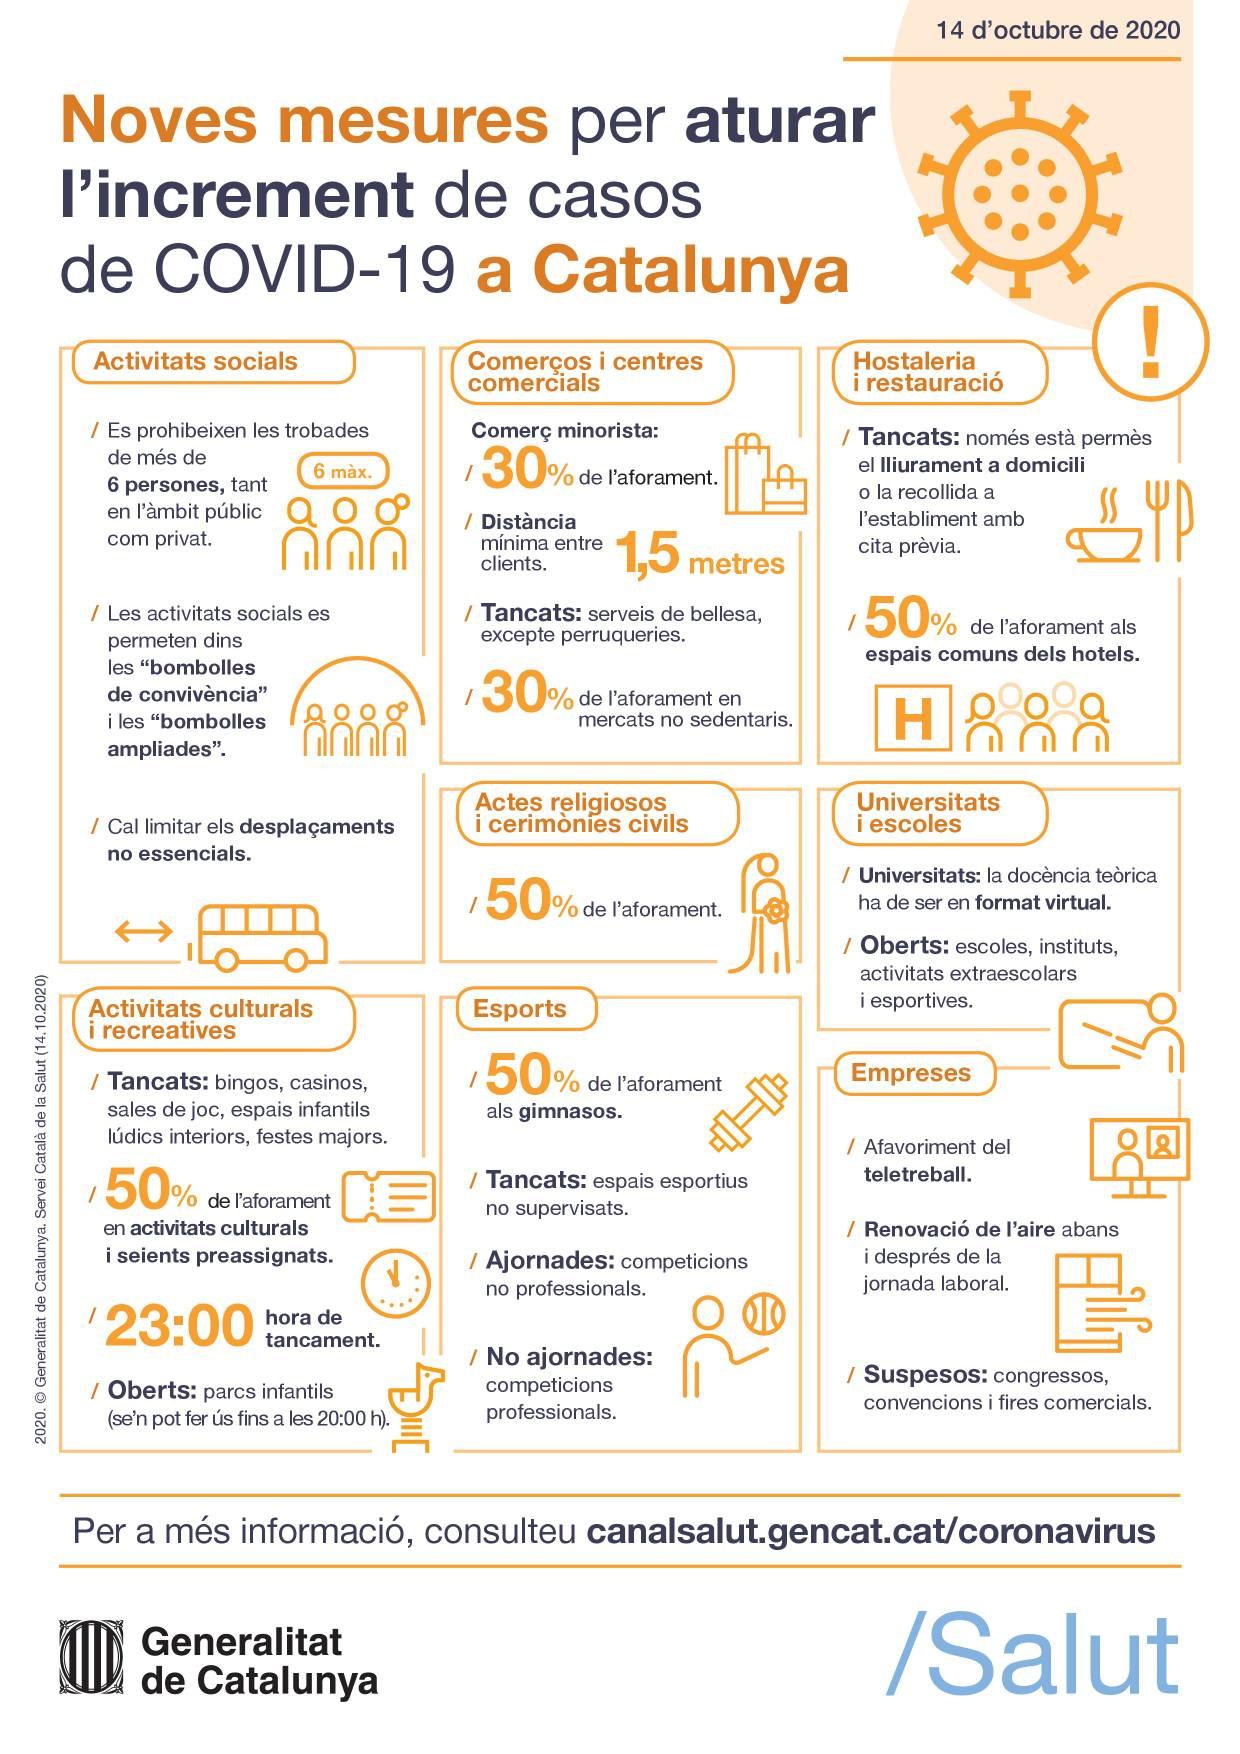 Avui han entrat en vigor les mesures de la Generalitat per frenar l'increment de casos de Covid-19